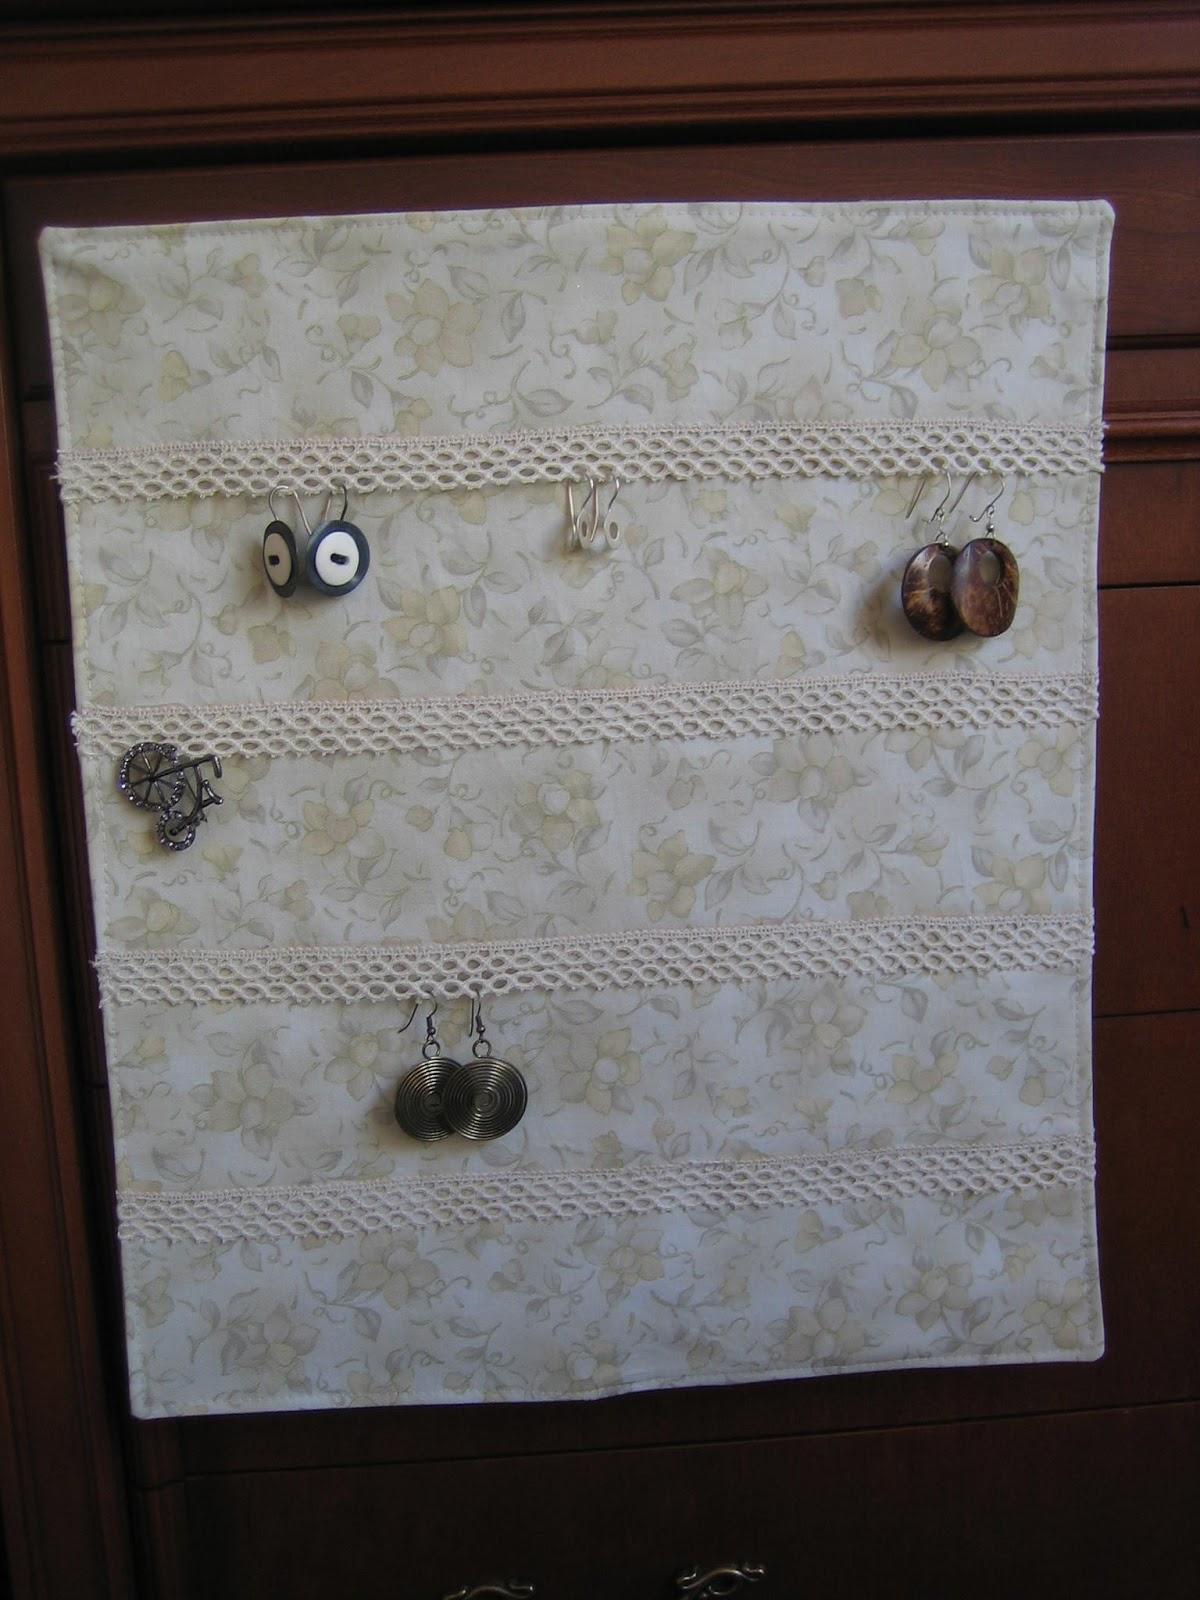 Ana labores tapiz para colgar pendientes - Para colgar pendientes ...